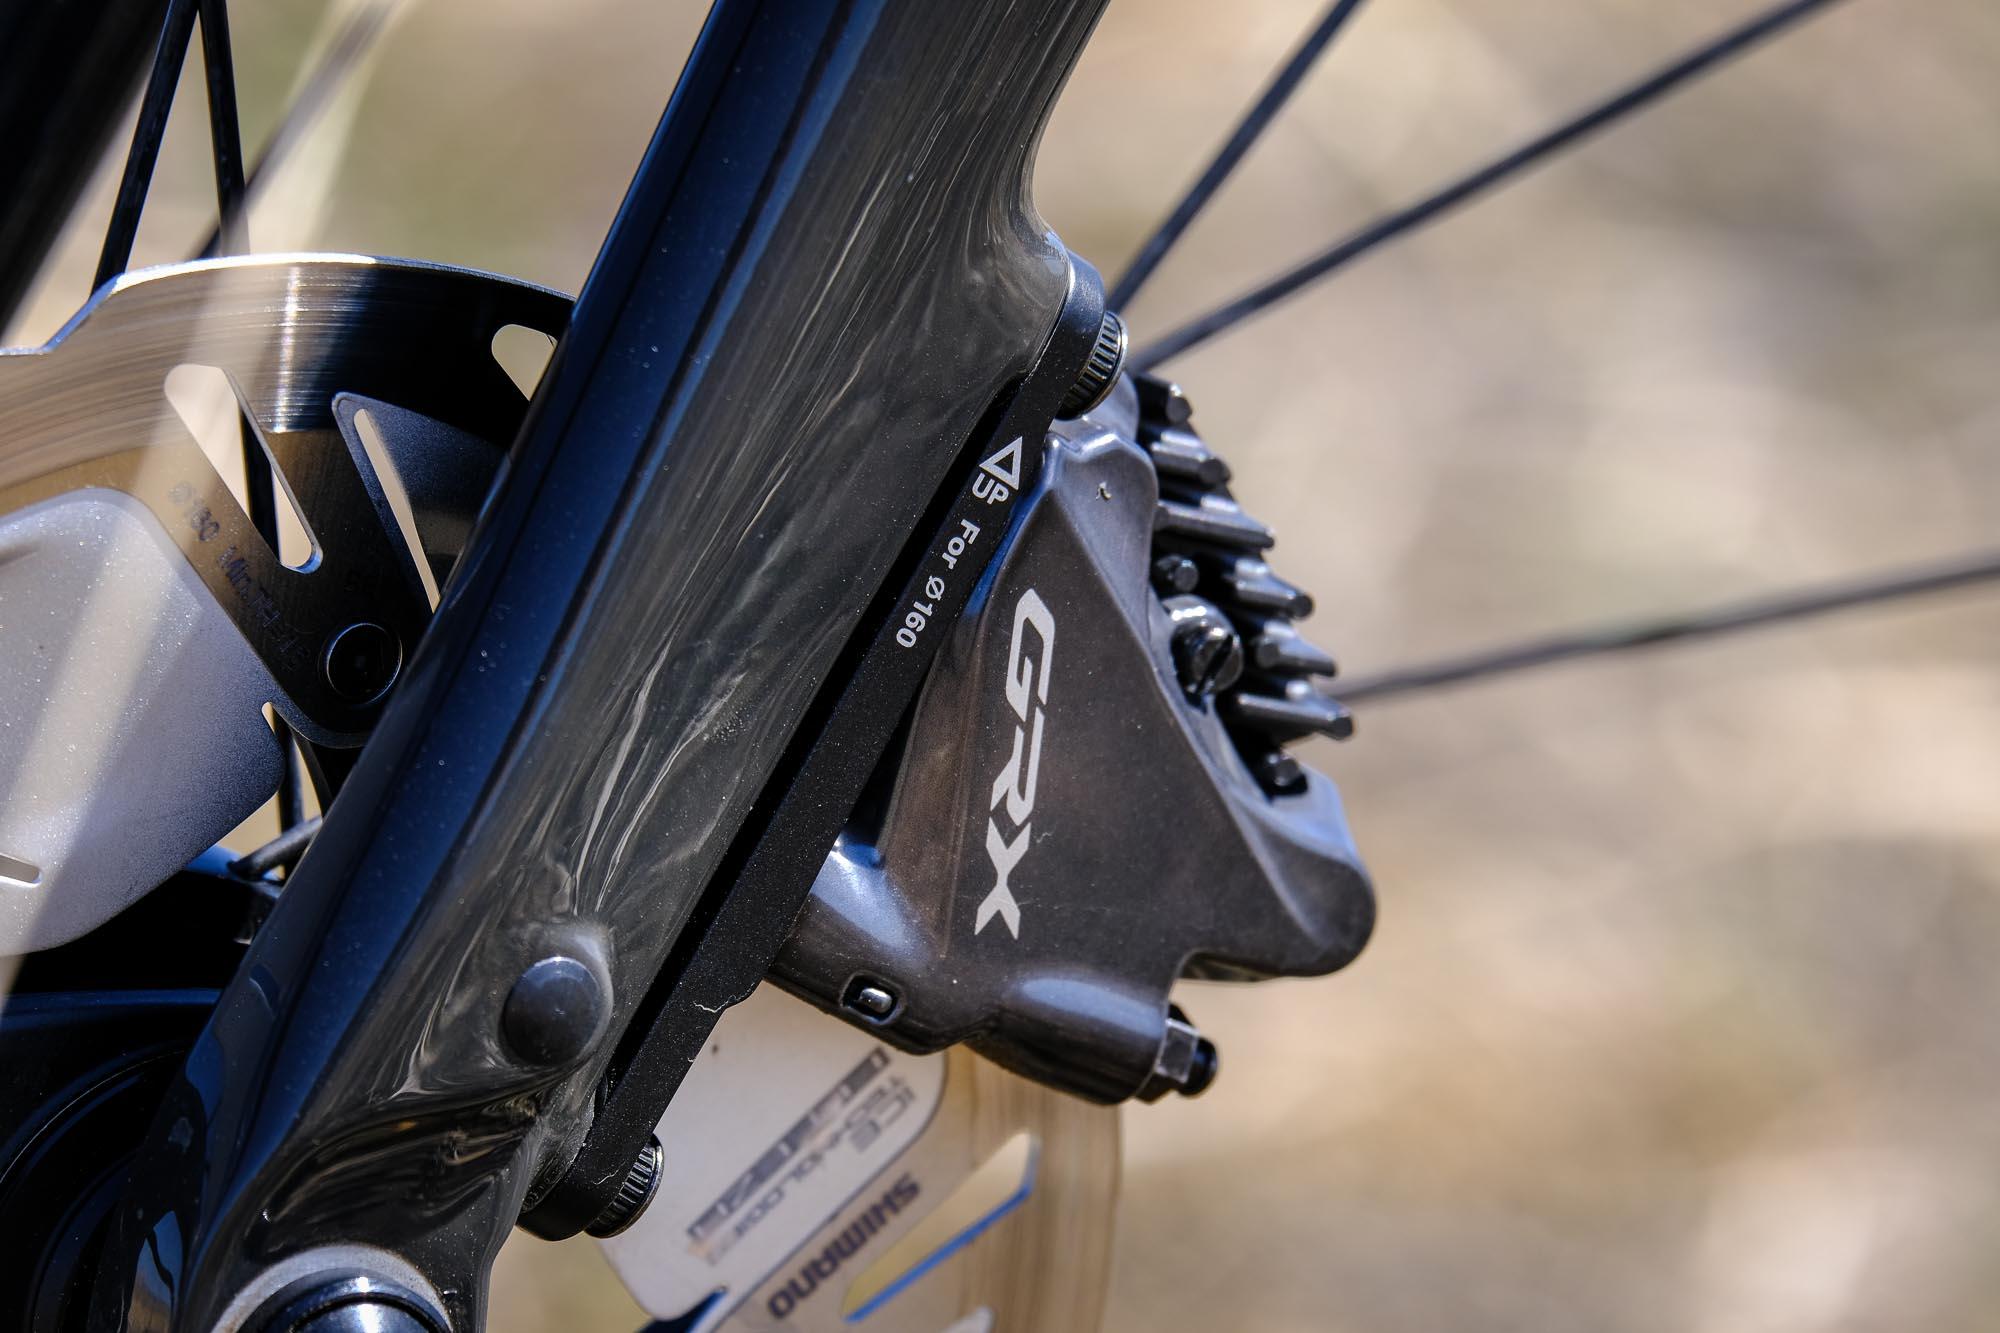 GRX brake caliper